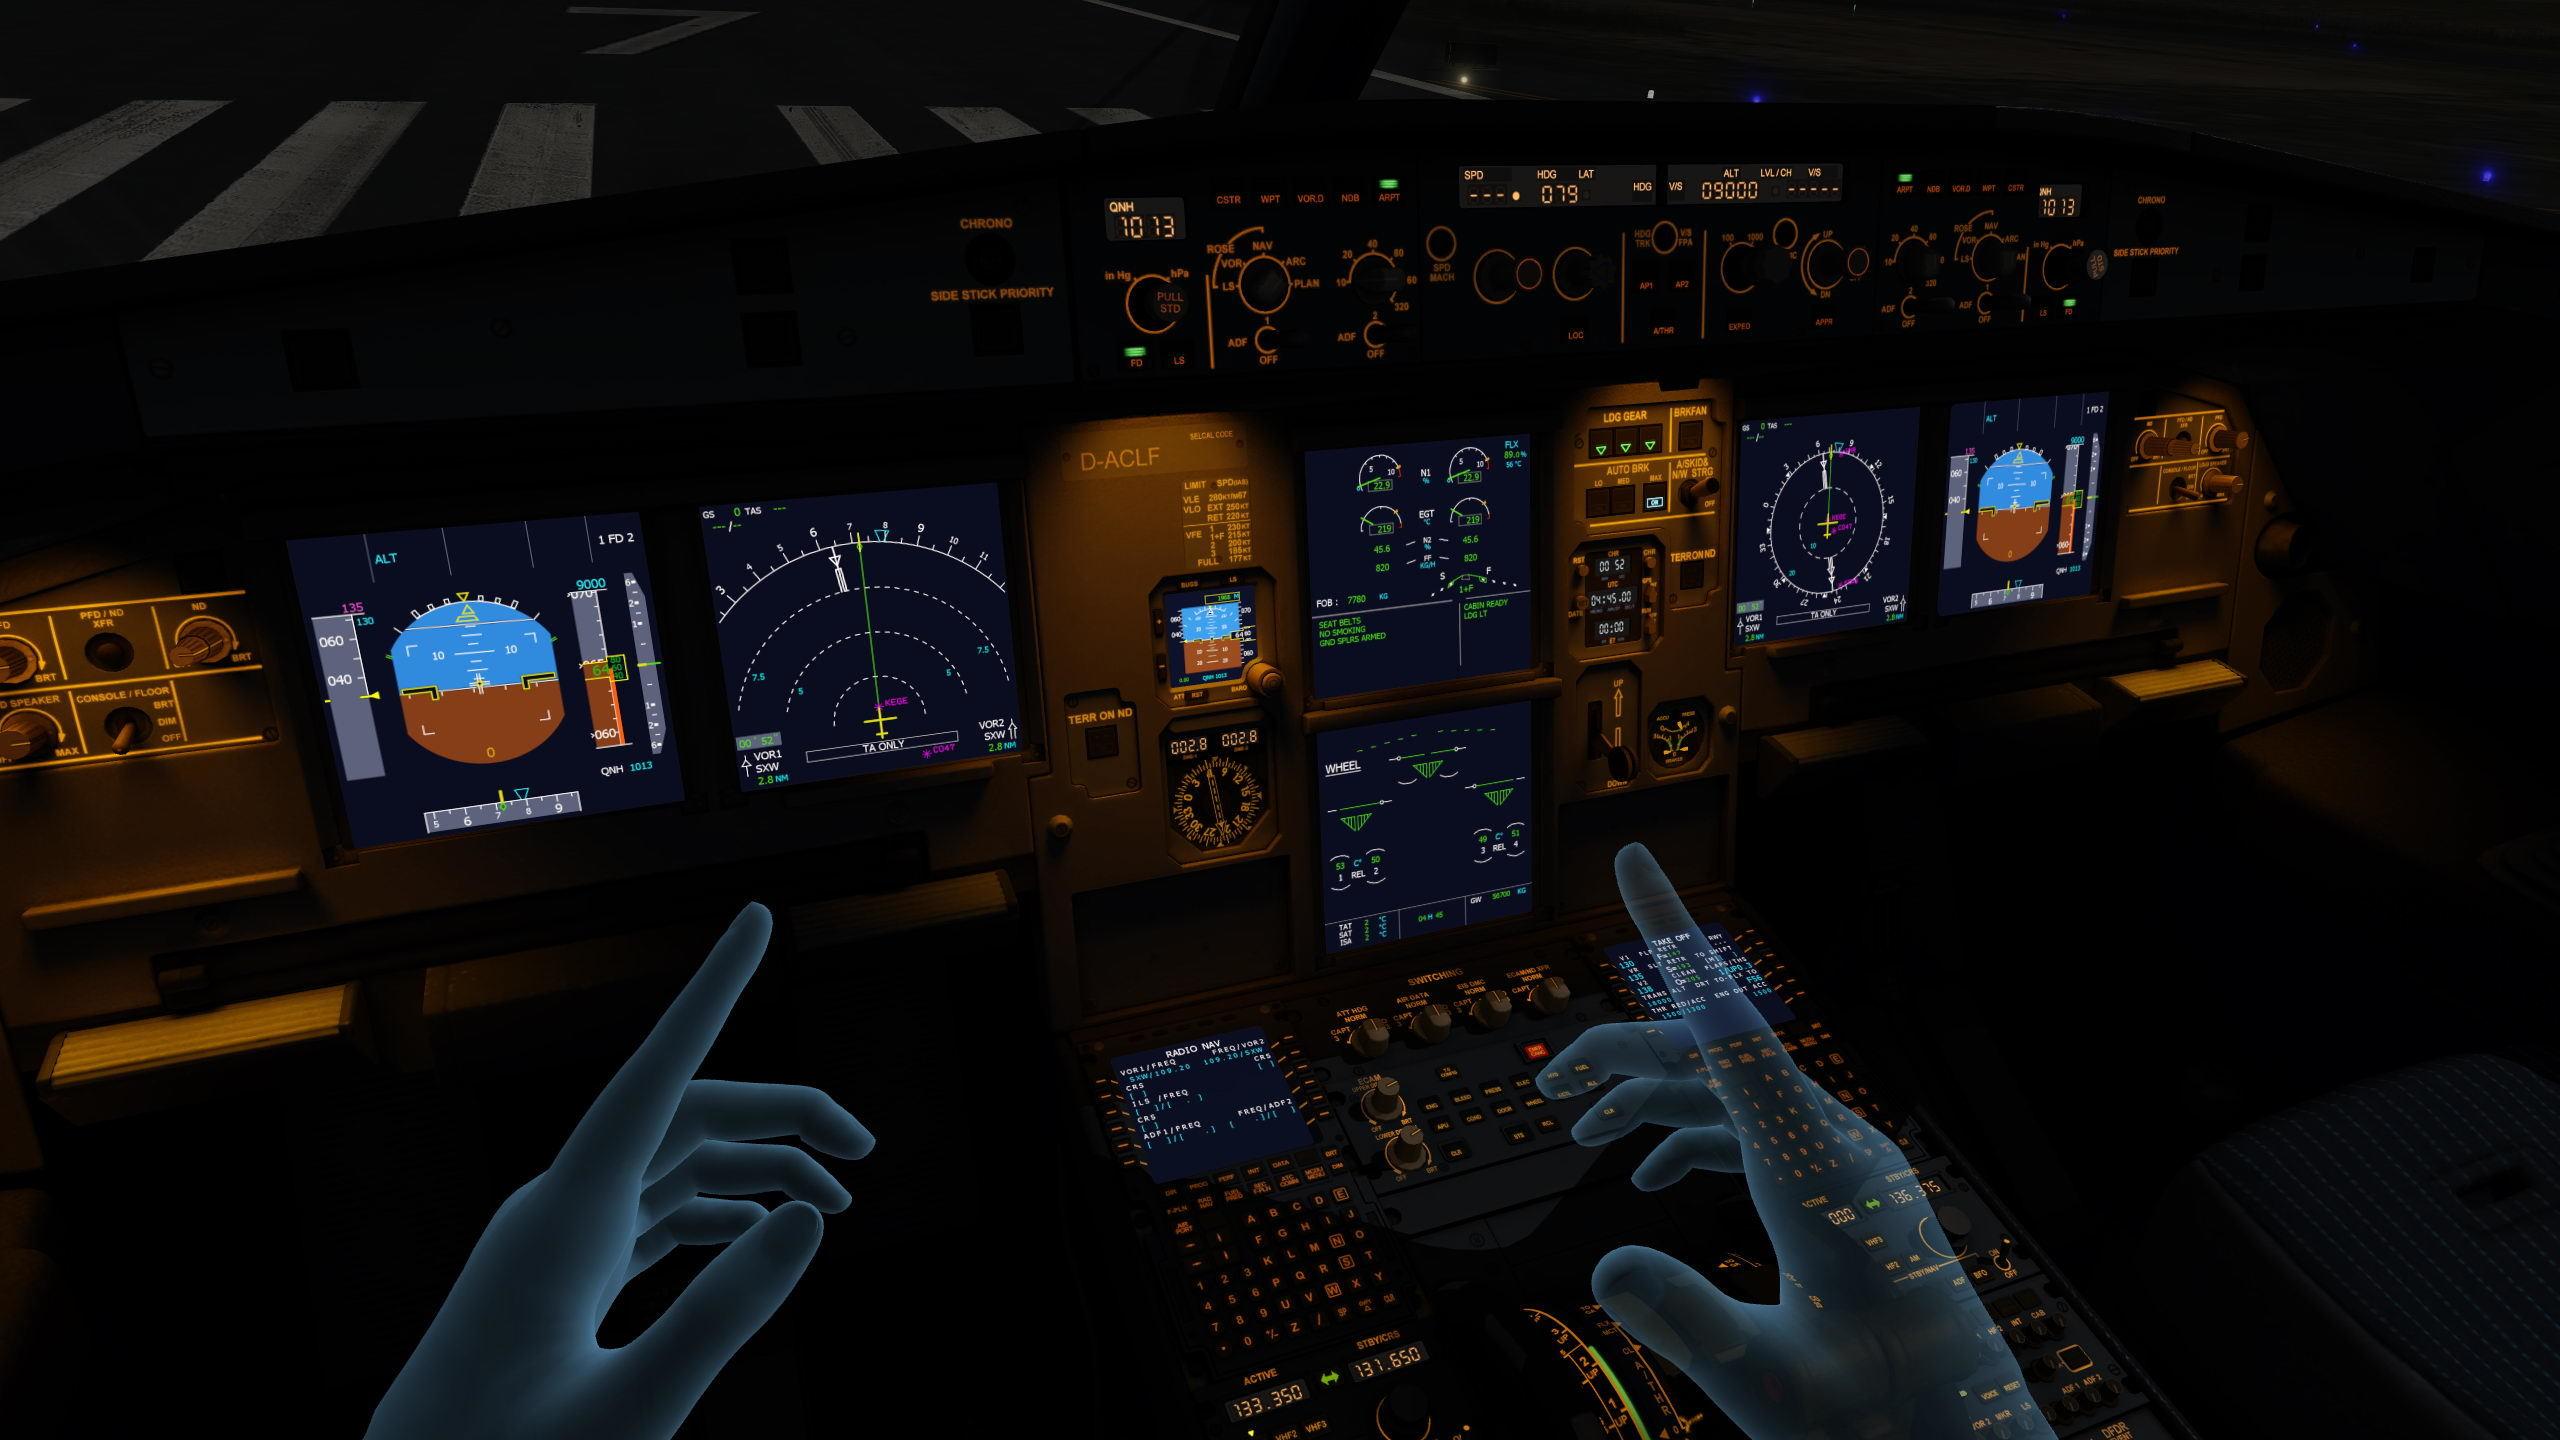 Aerofly FS 2 Flight Simulator :: Aerofly FS 2 VR Hands Have